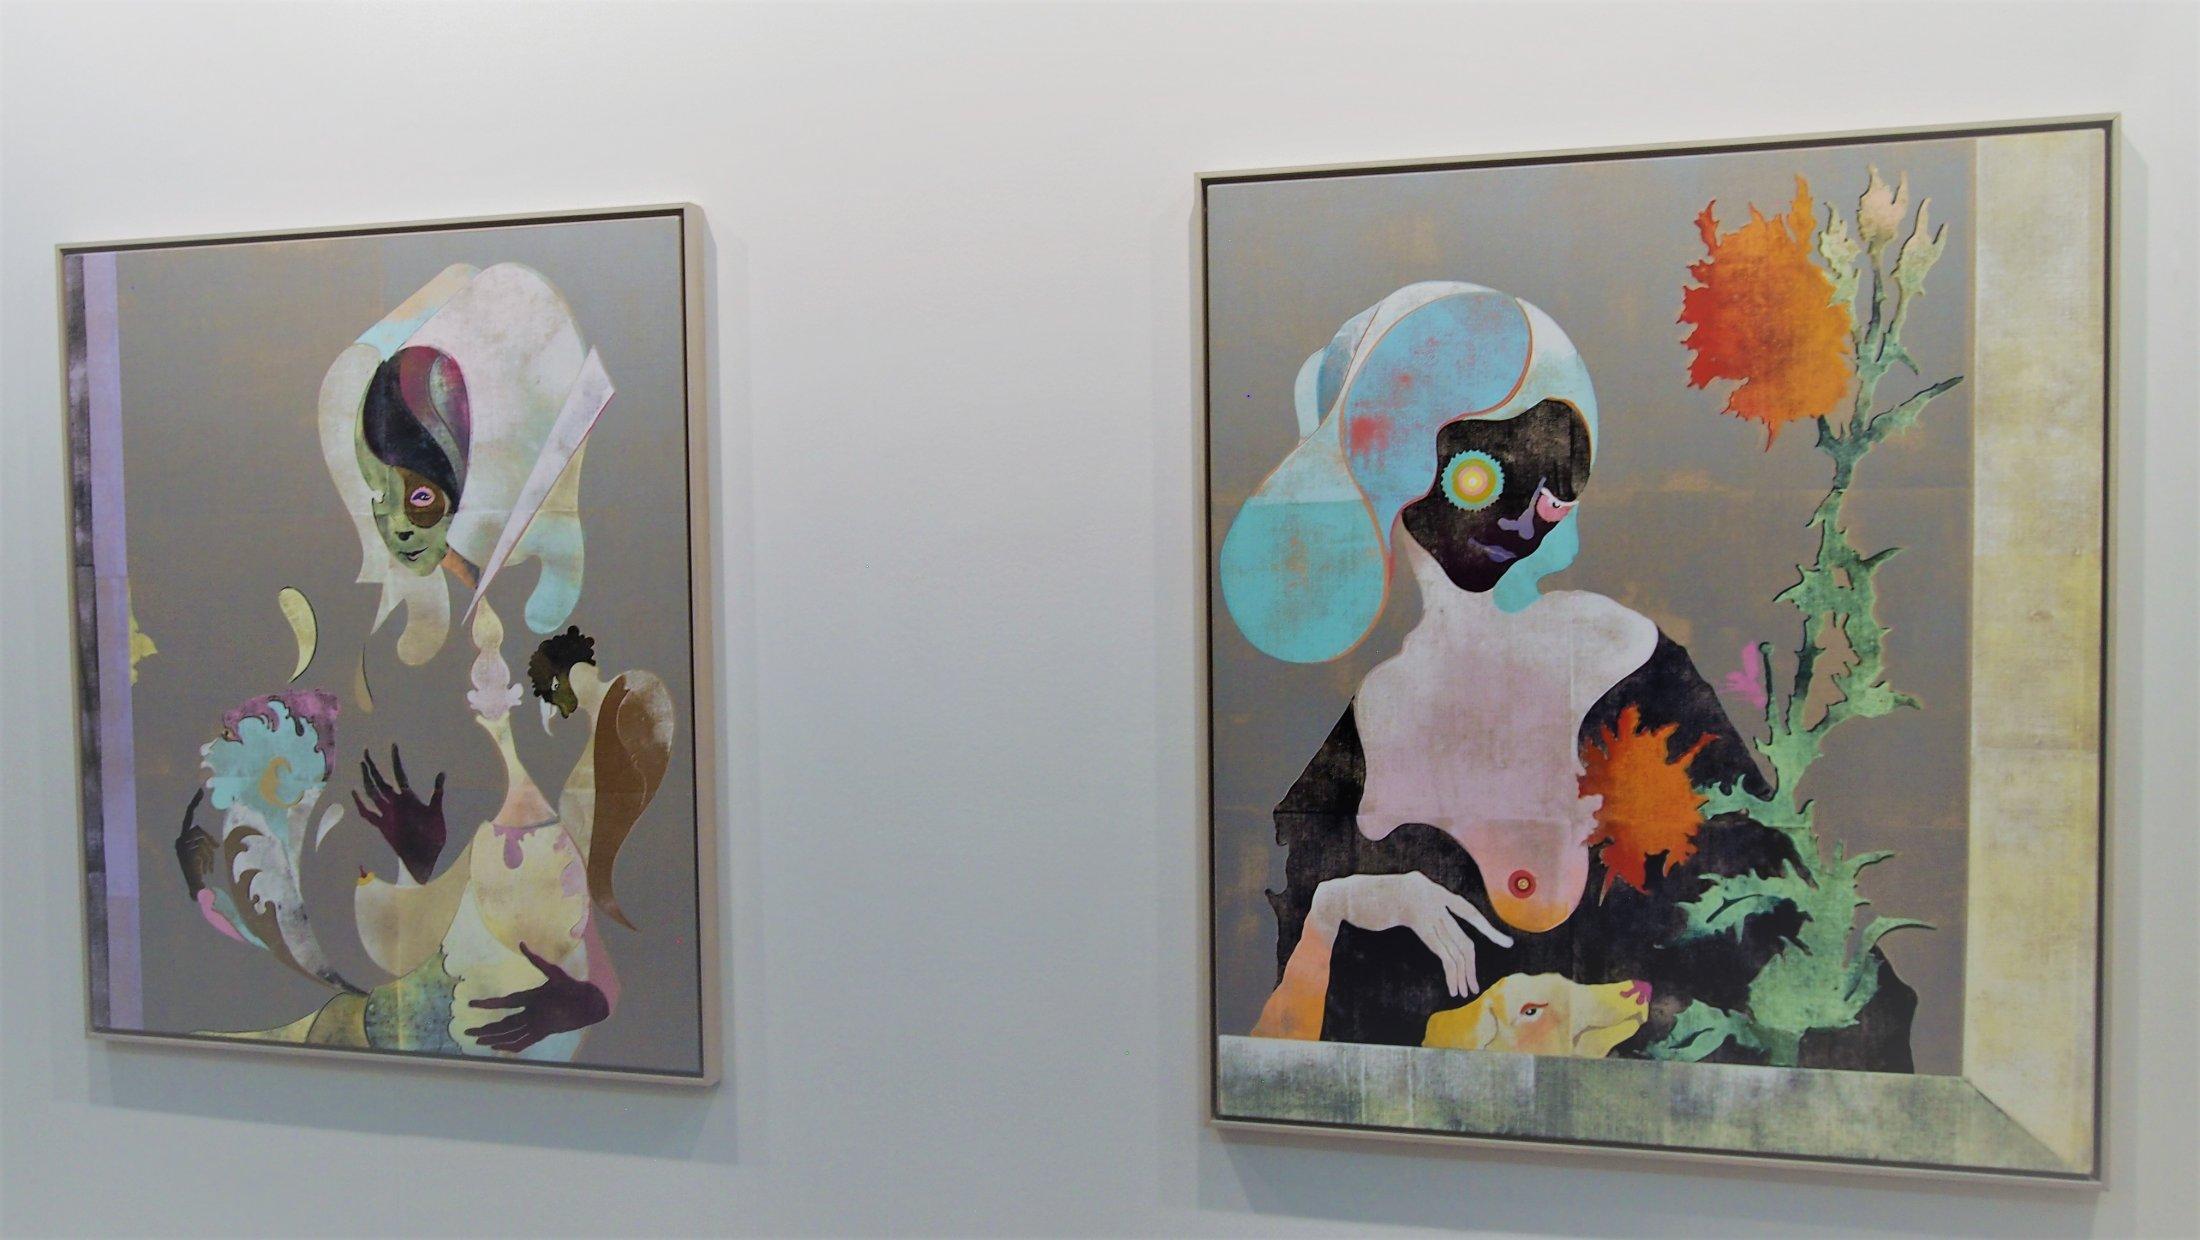 Gallerie Rodolphe Janssen